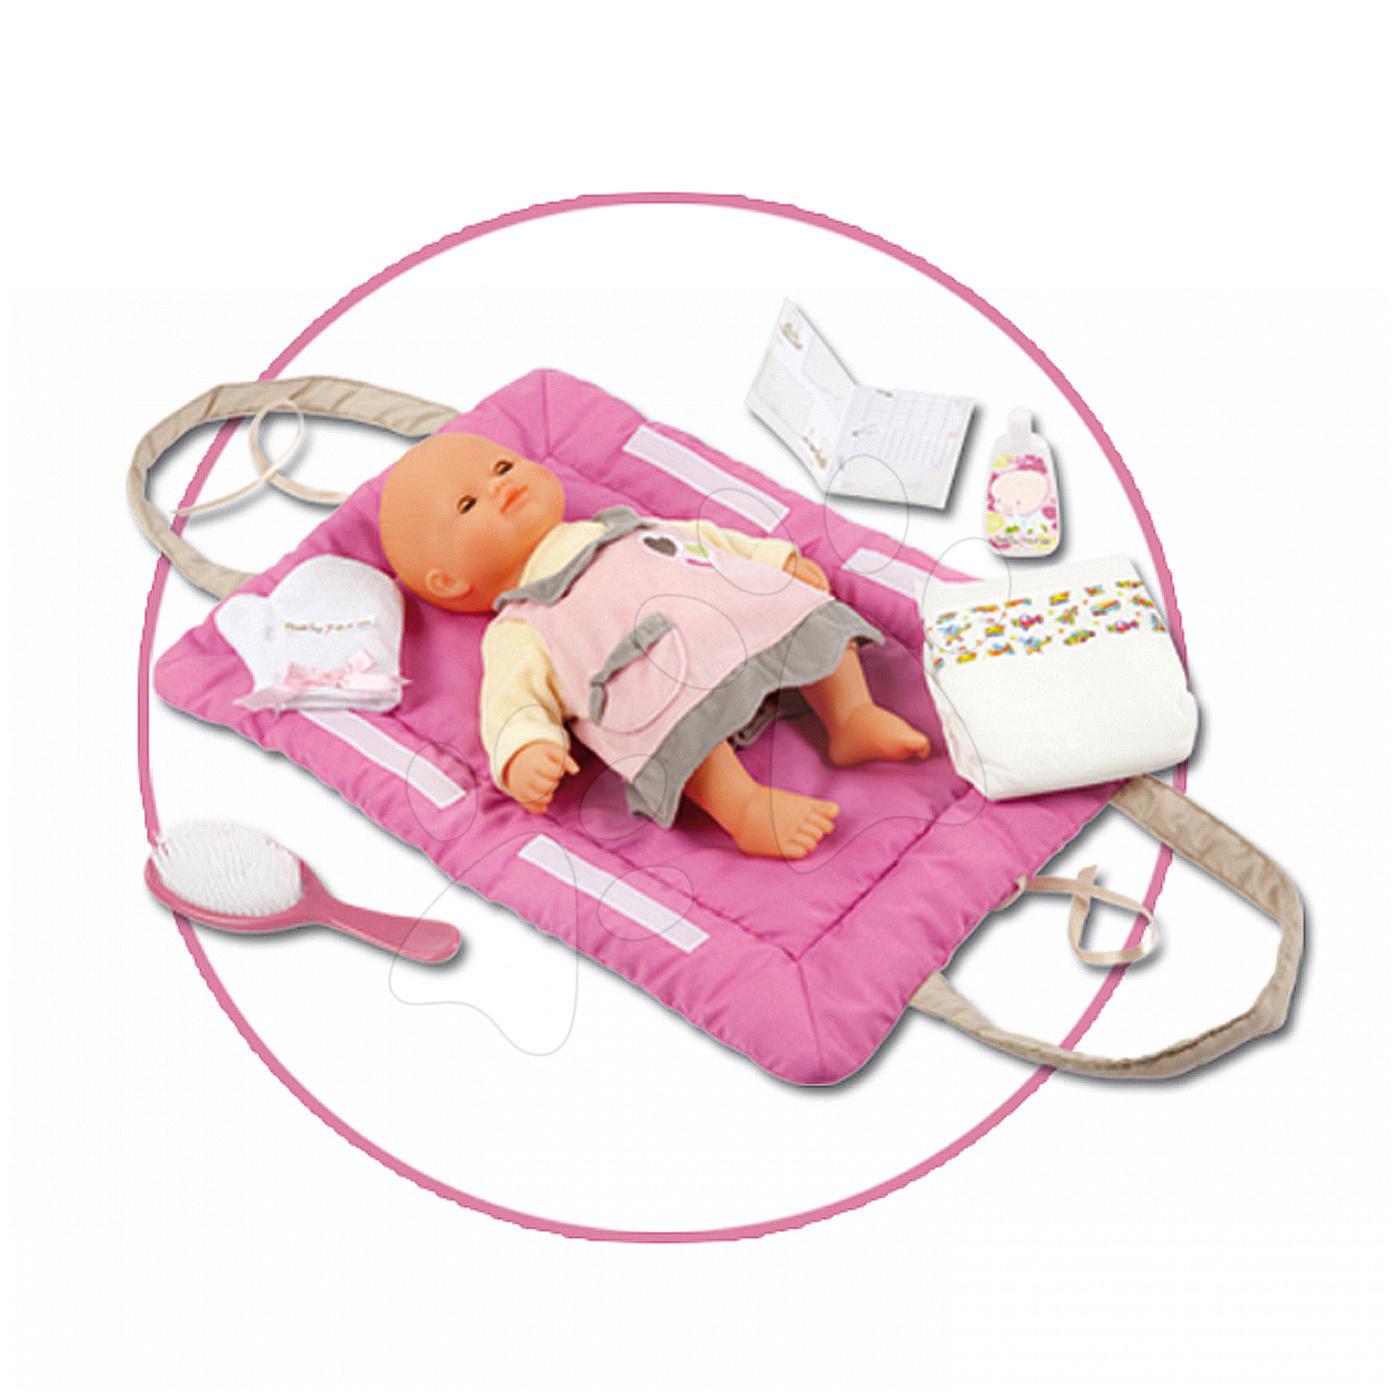 Pelenkázó alátét Baby Nurse Smoby 42 cm játékbabának pelenkázó szettel sötét rózsaszín